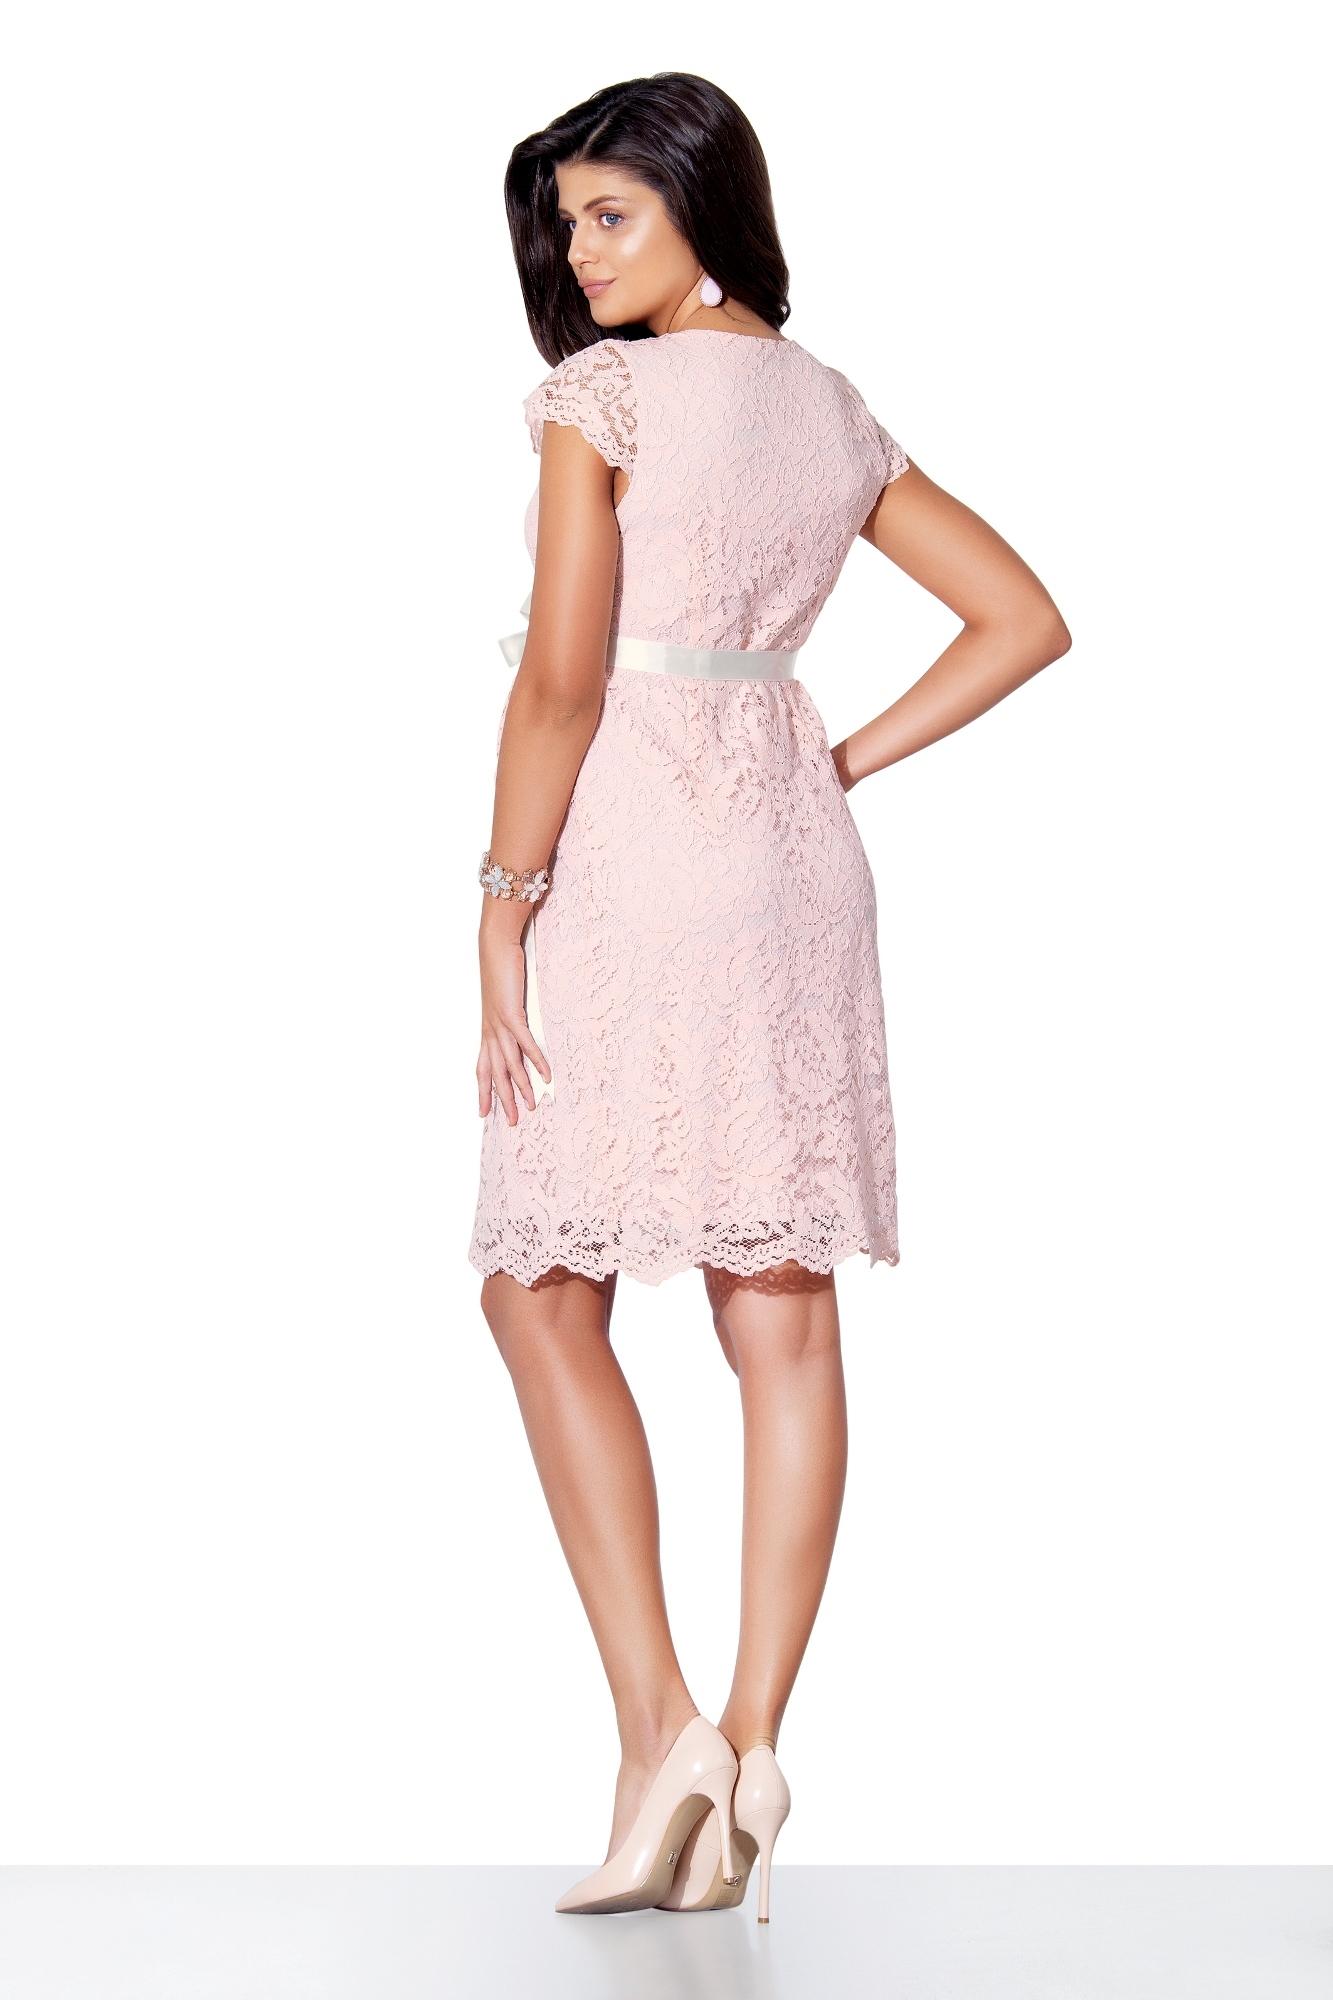 Фото платье для беременных EBRU, вечернее от магазина СкороМама, розовый, размеры.